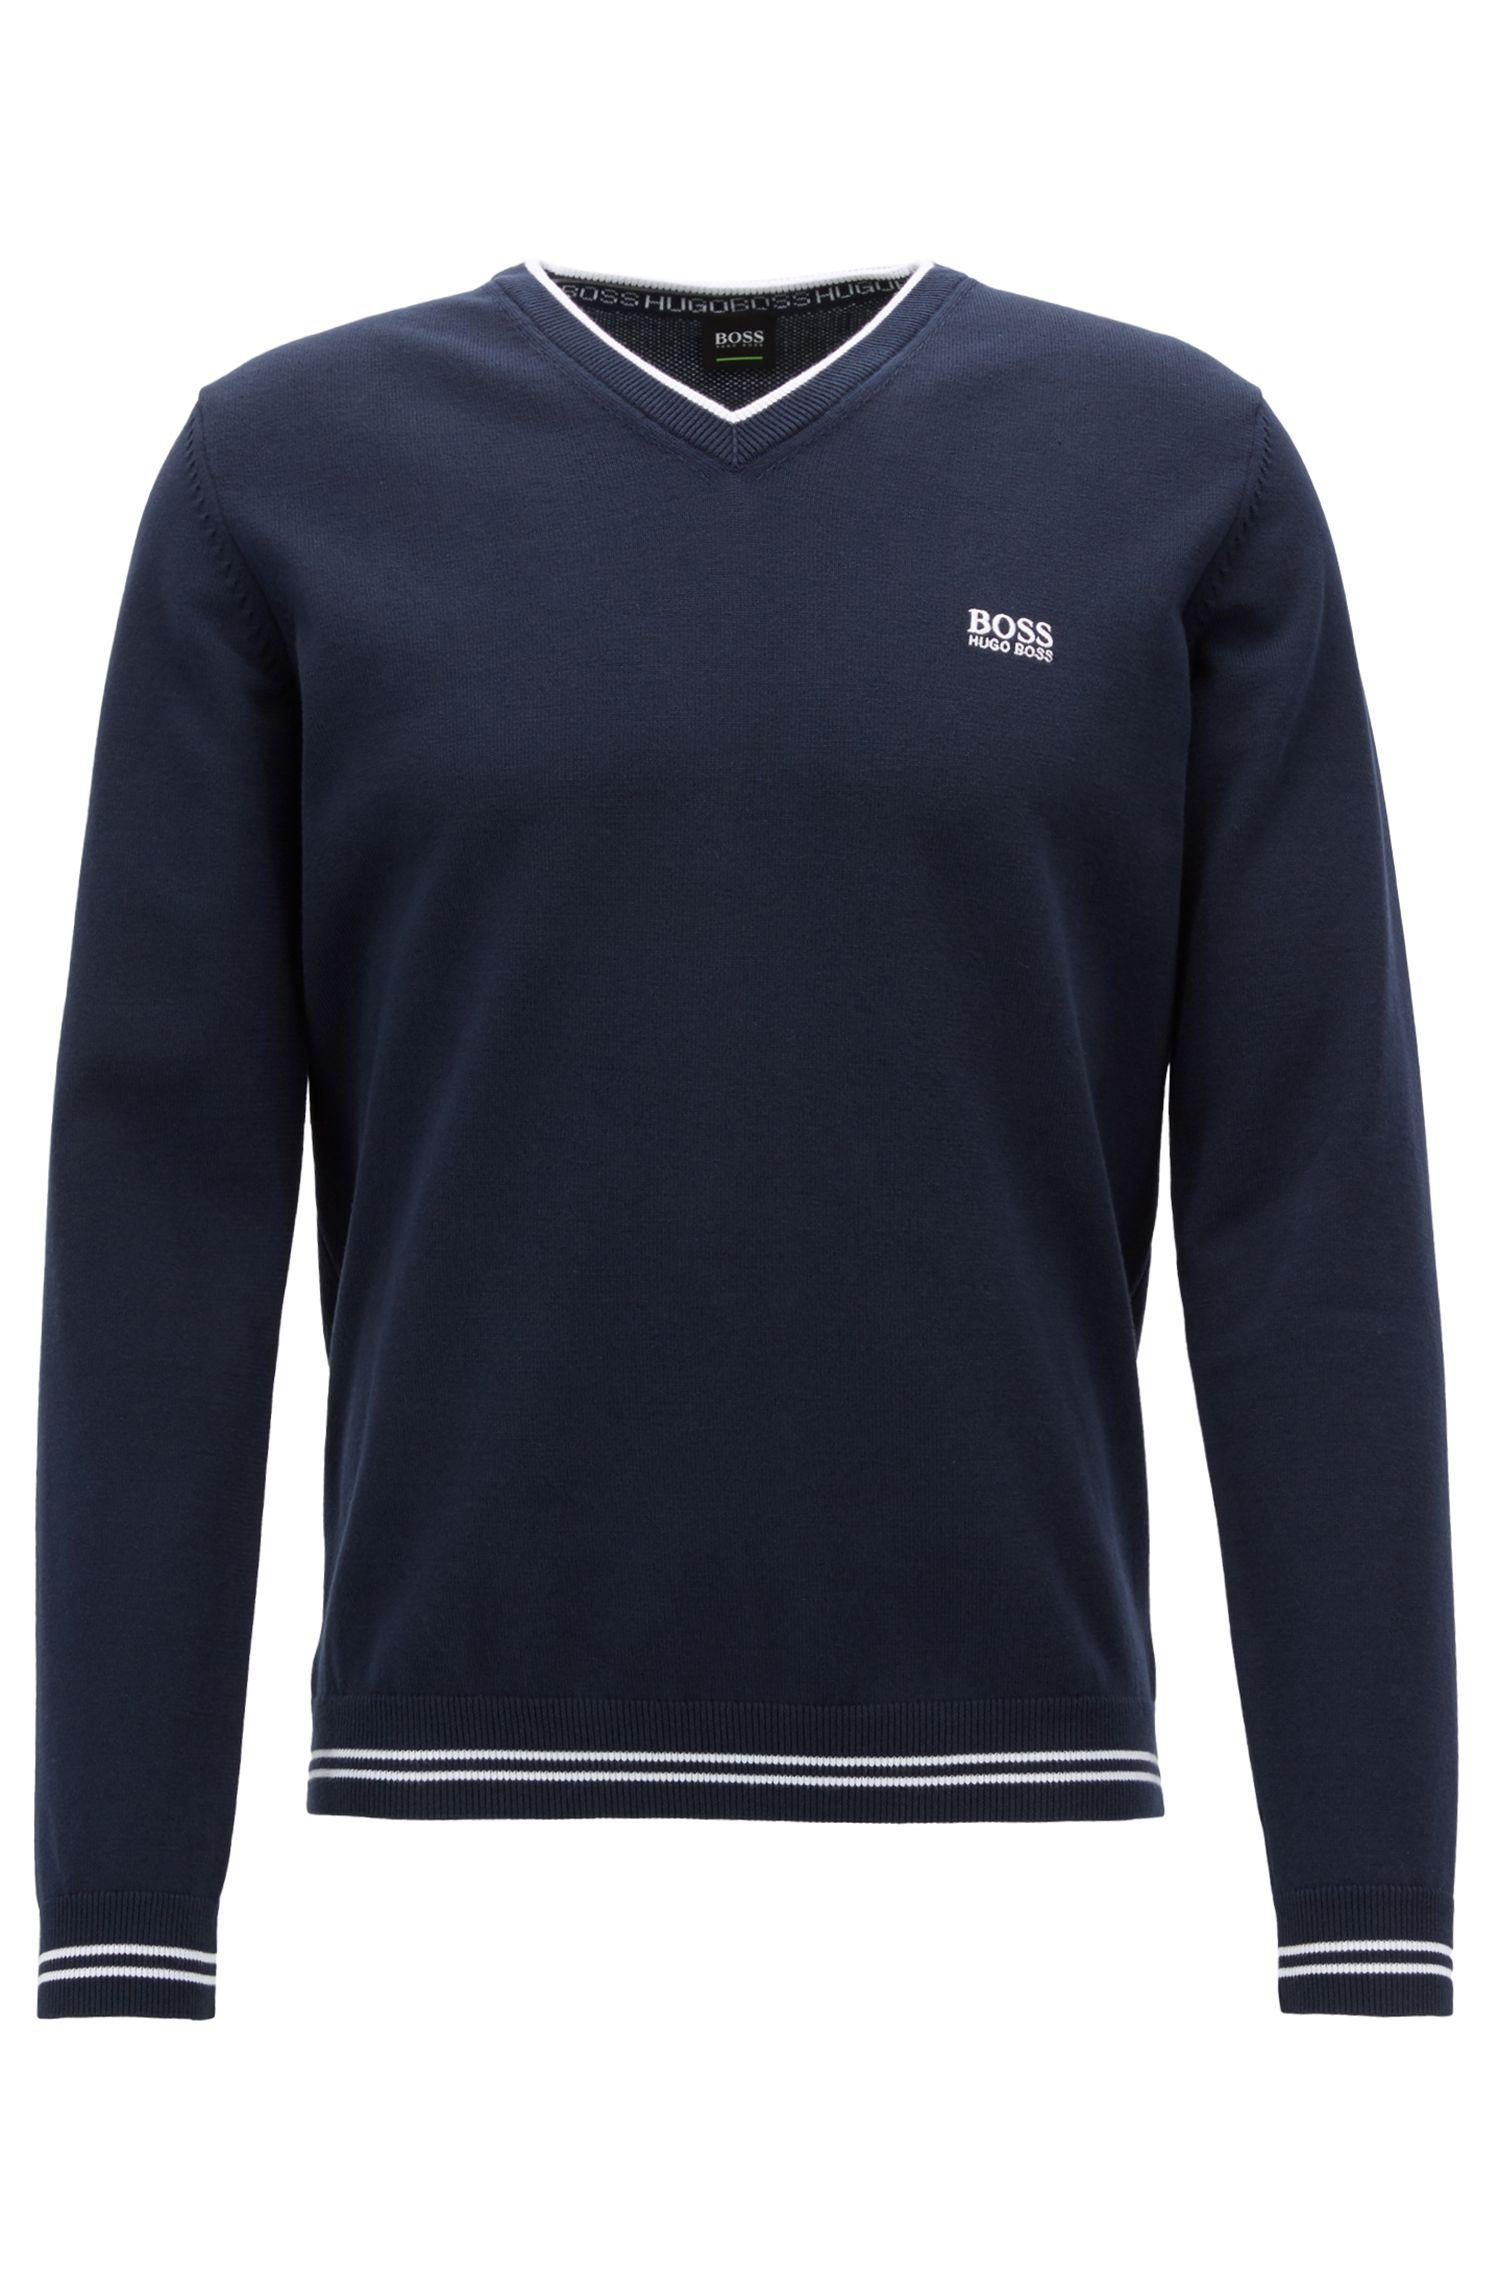 Pullover aus Baumwoll-Mix mit V-Ausschnitt und Kontrast-Streifen, Dunkelblau